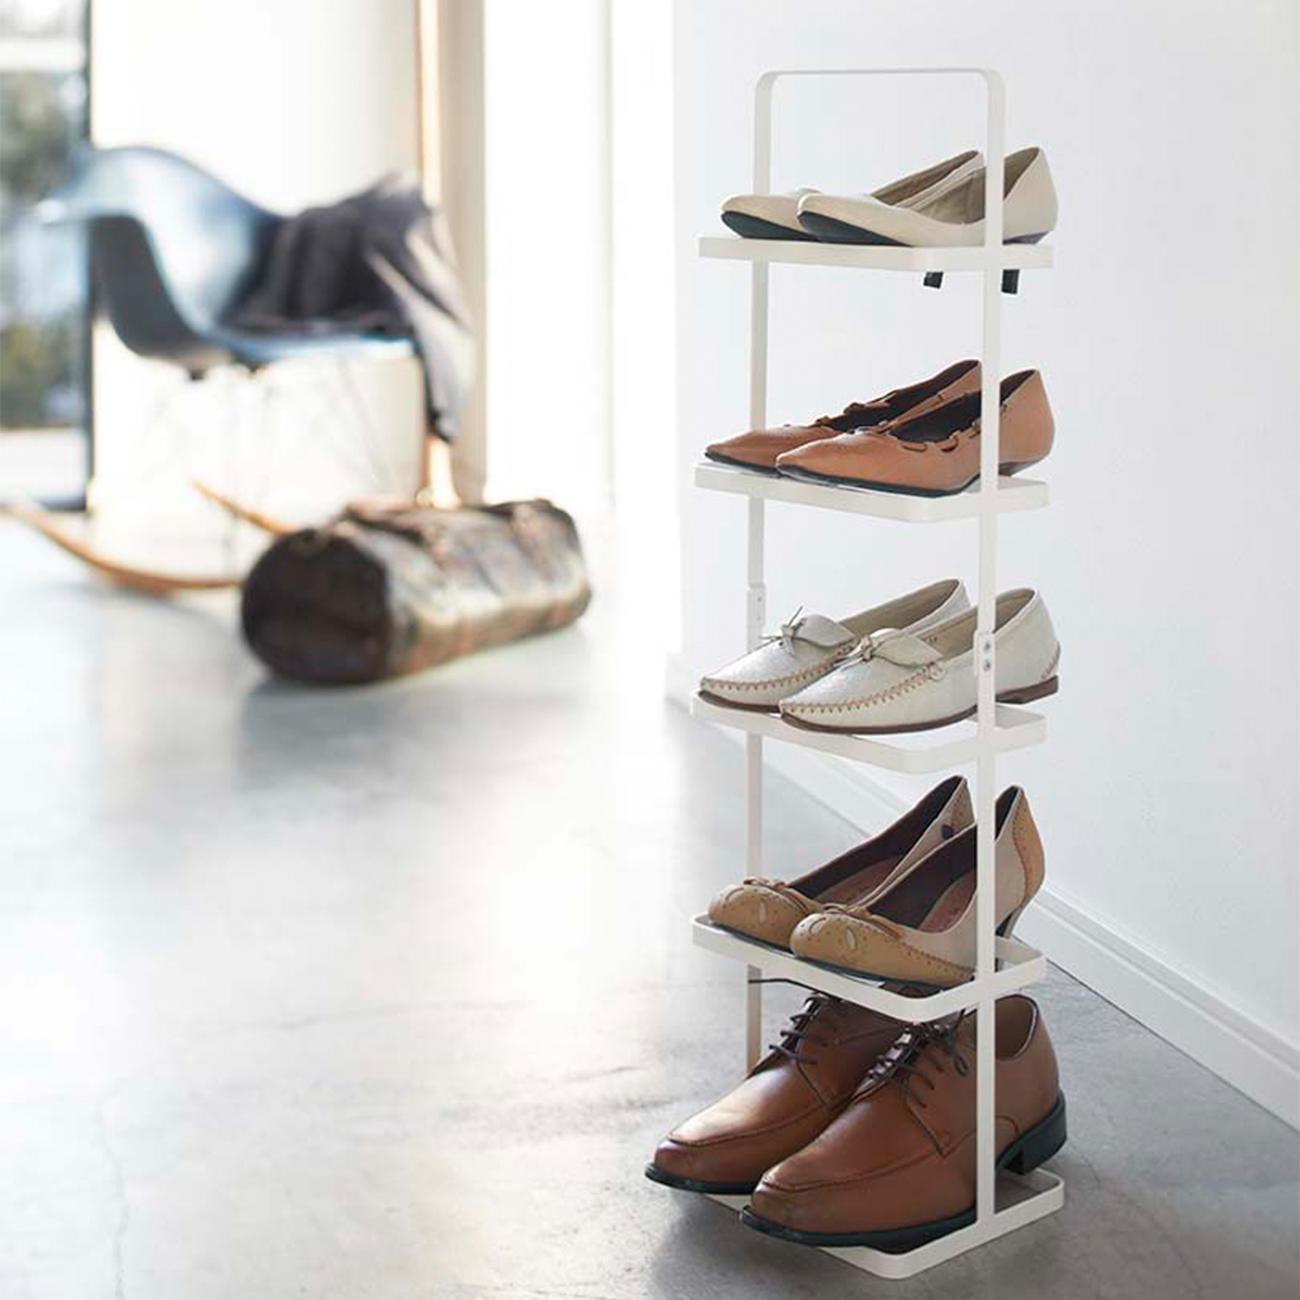 draagbaar schoenenrek tower goedkoop online kopen. Black Bedroom Furniture Sets. Home Design Ideas